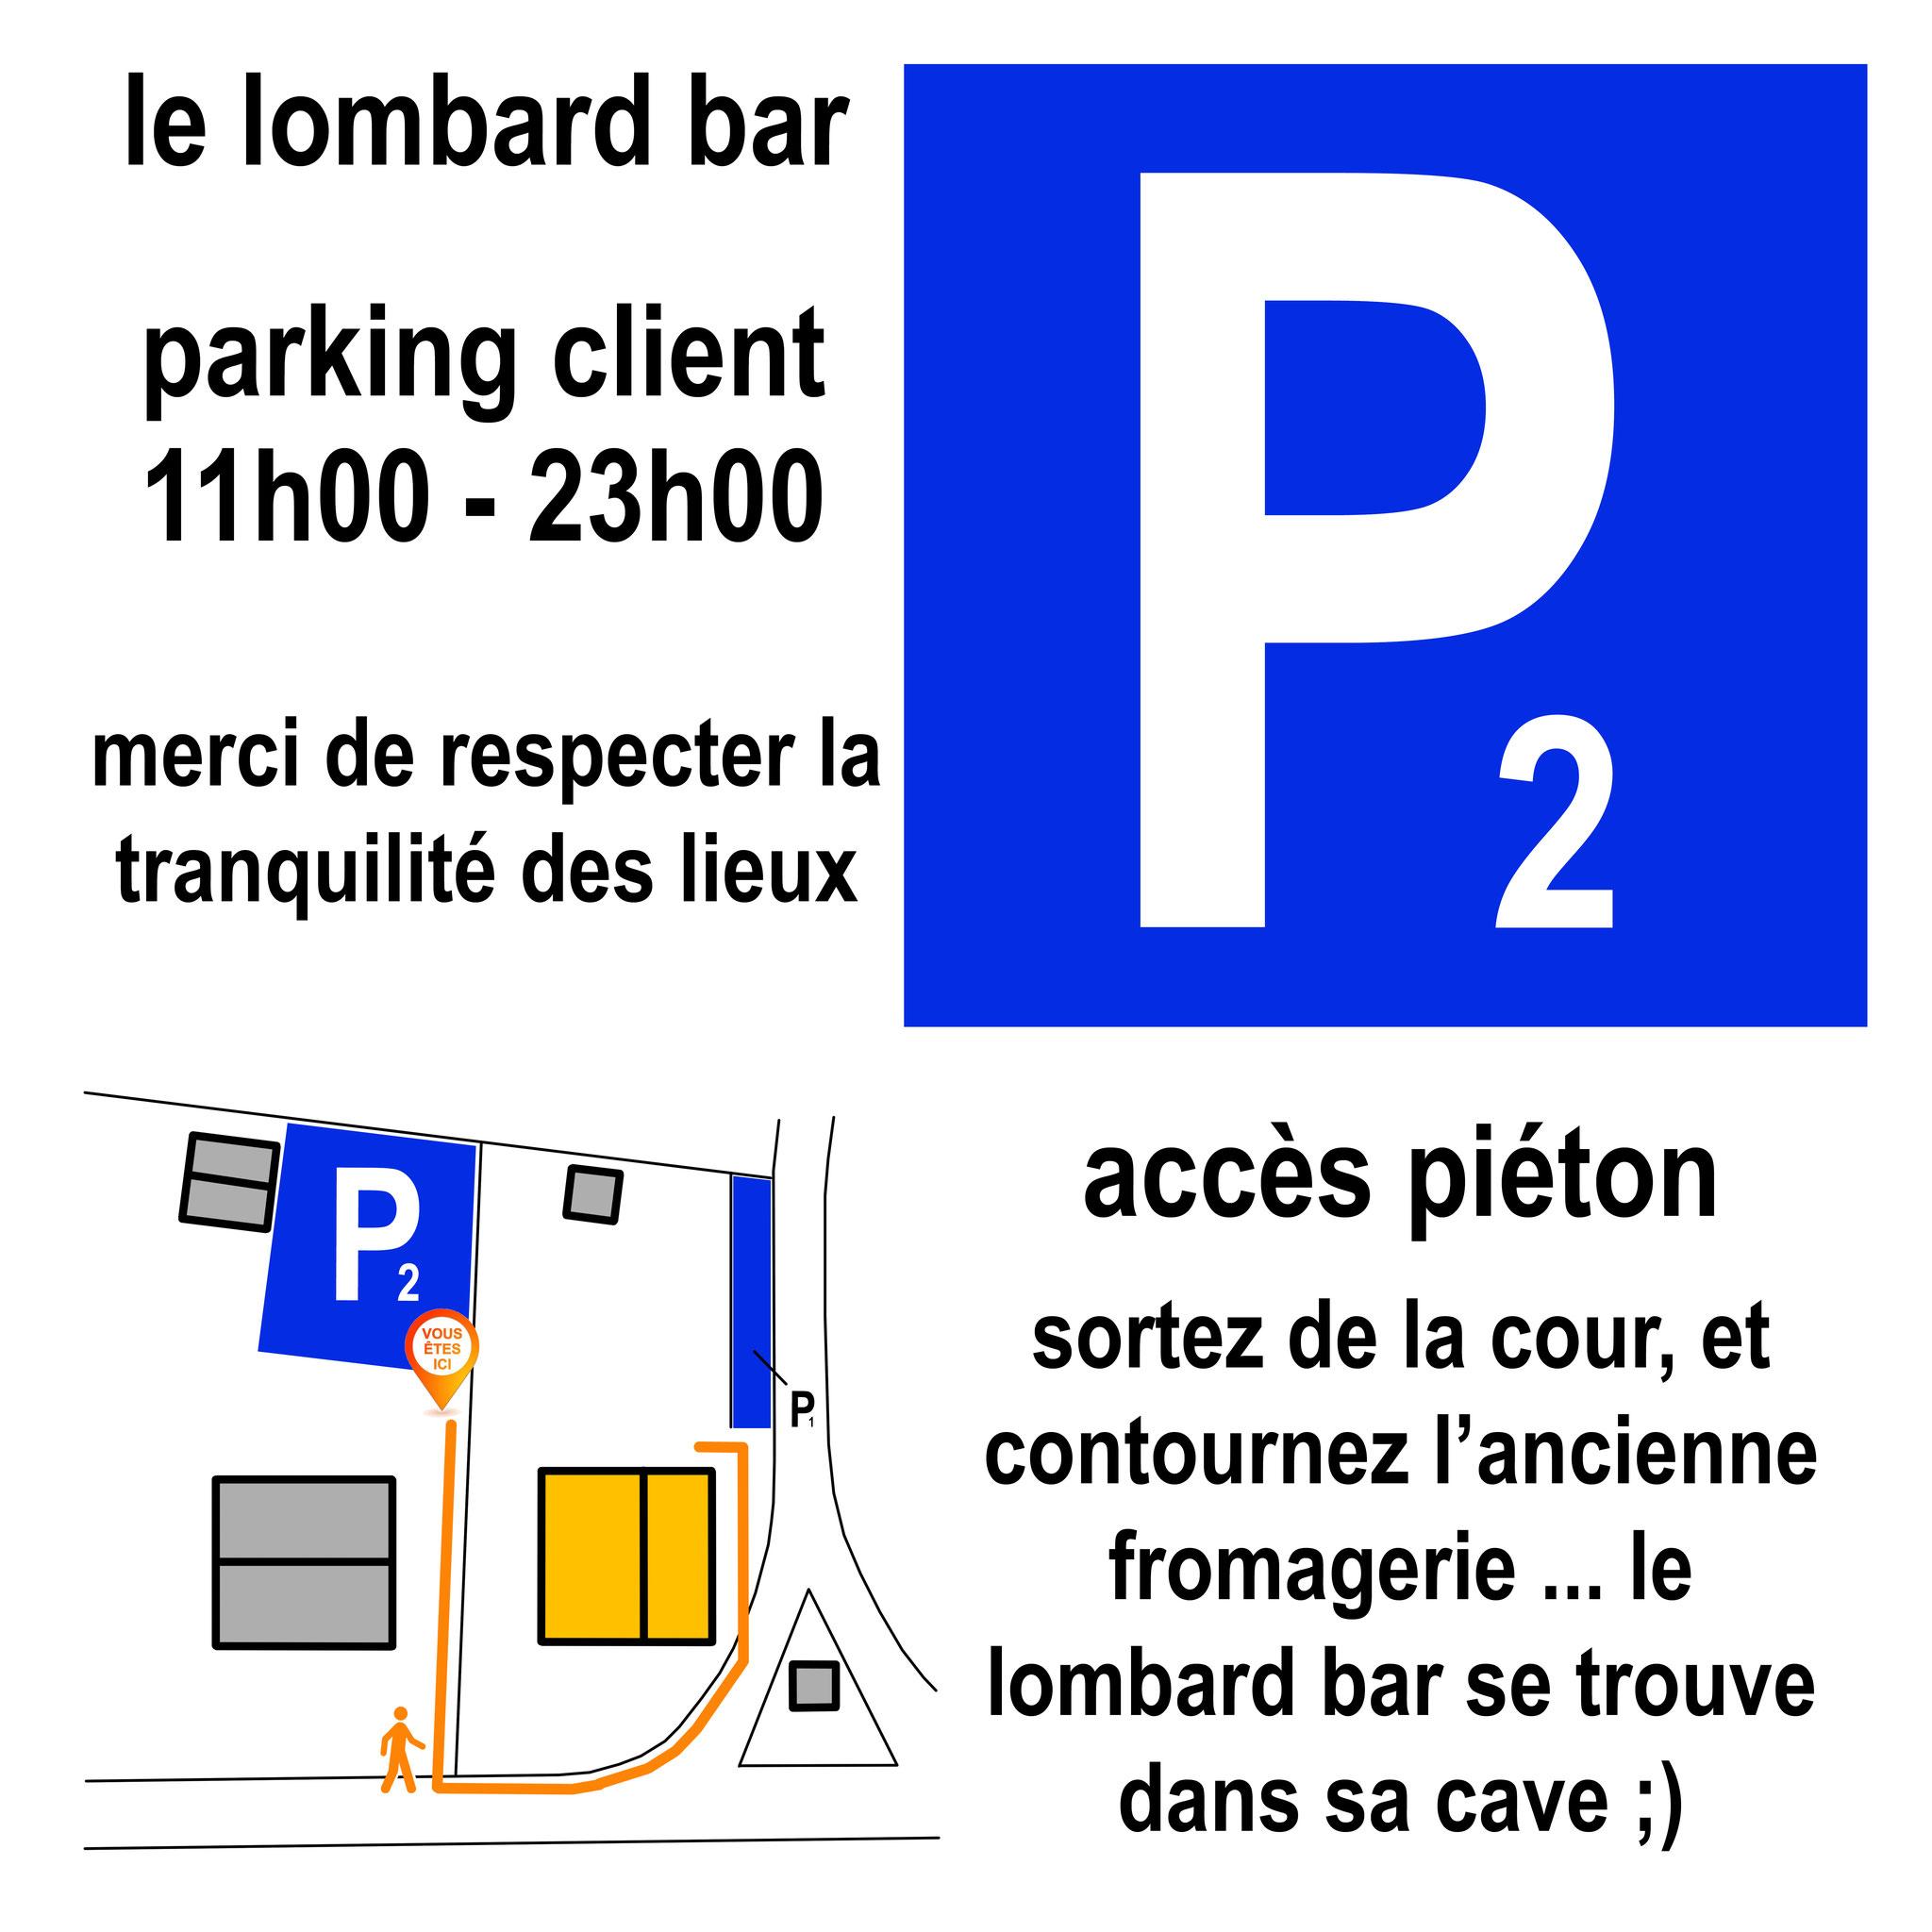 le parking n°2 du lombard bar, pour les visites de goupe, ou de longue durée.